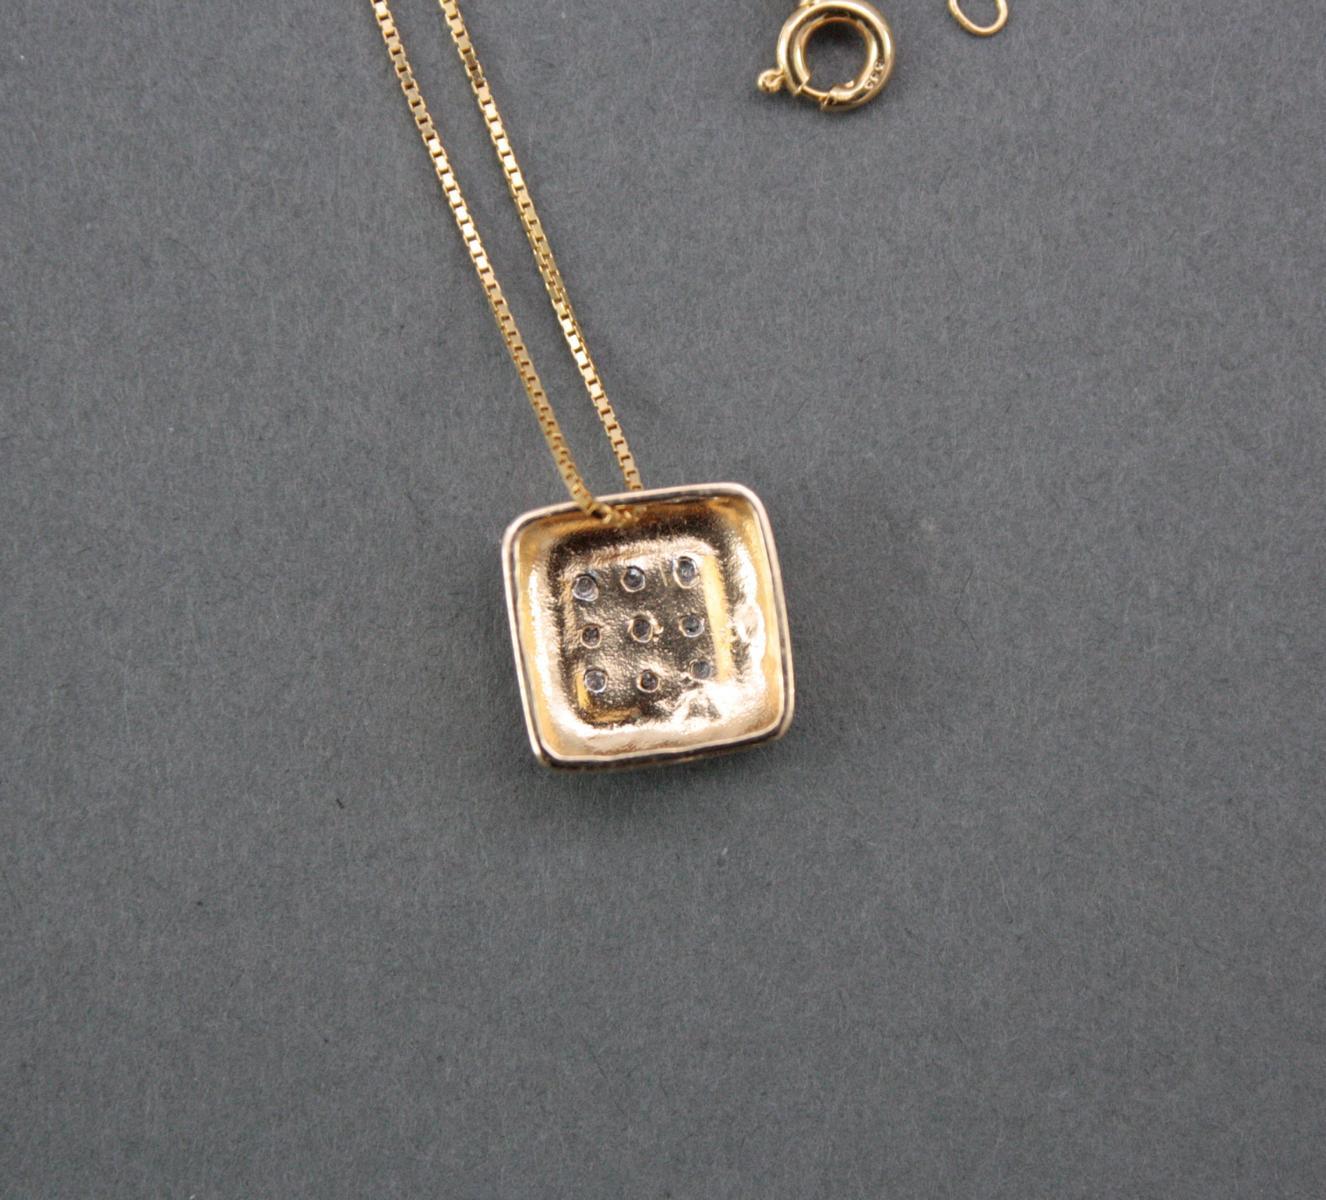 Halskette mit Diamantanhänger, 14 Karat Gelbgold-3